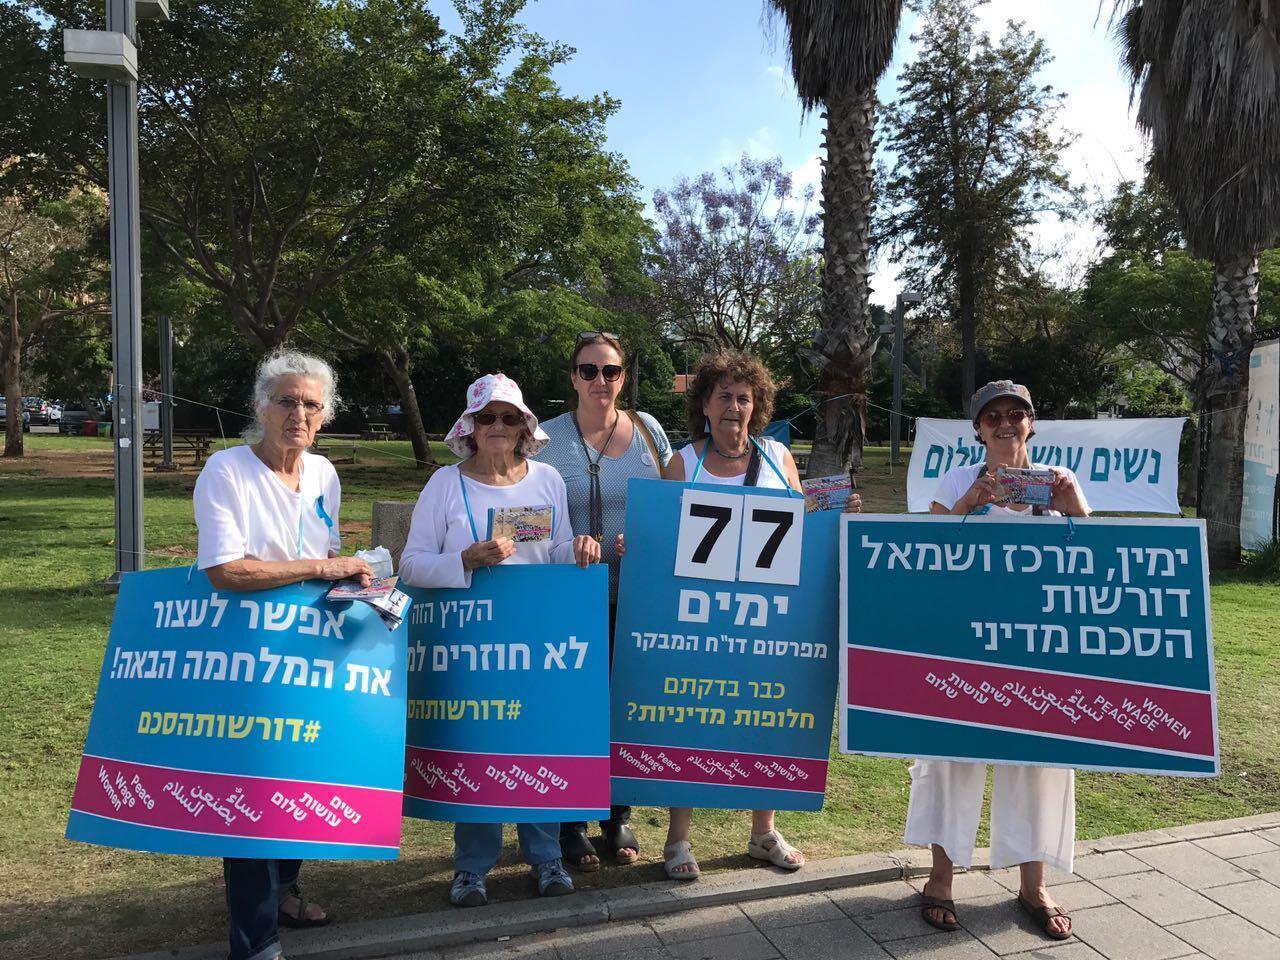 Tânia Harkavi em uma das marchas do Mulheres Agem pela Paz. Ela está segurando o cartaz com o número 77